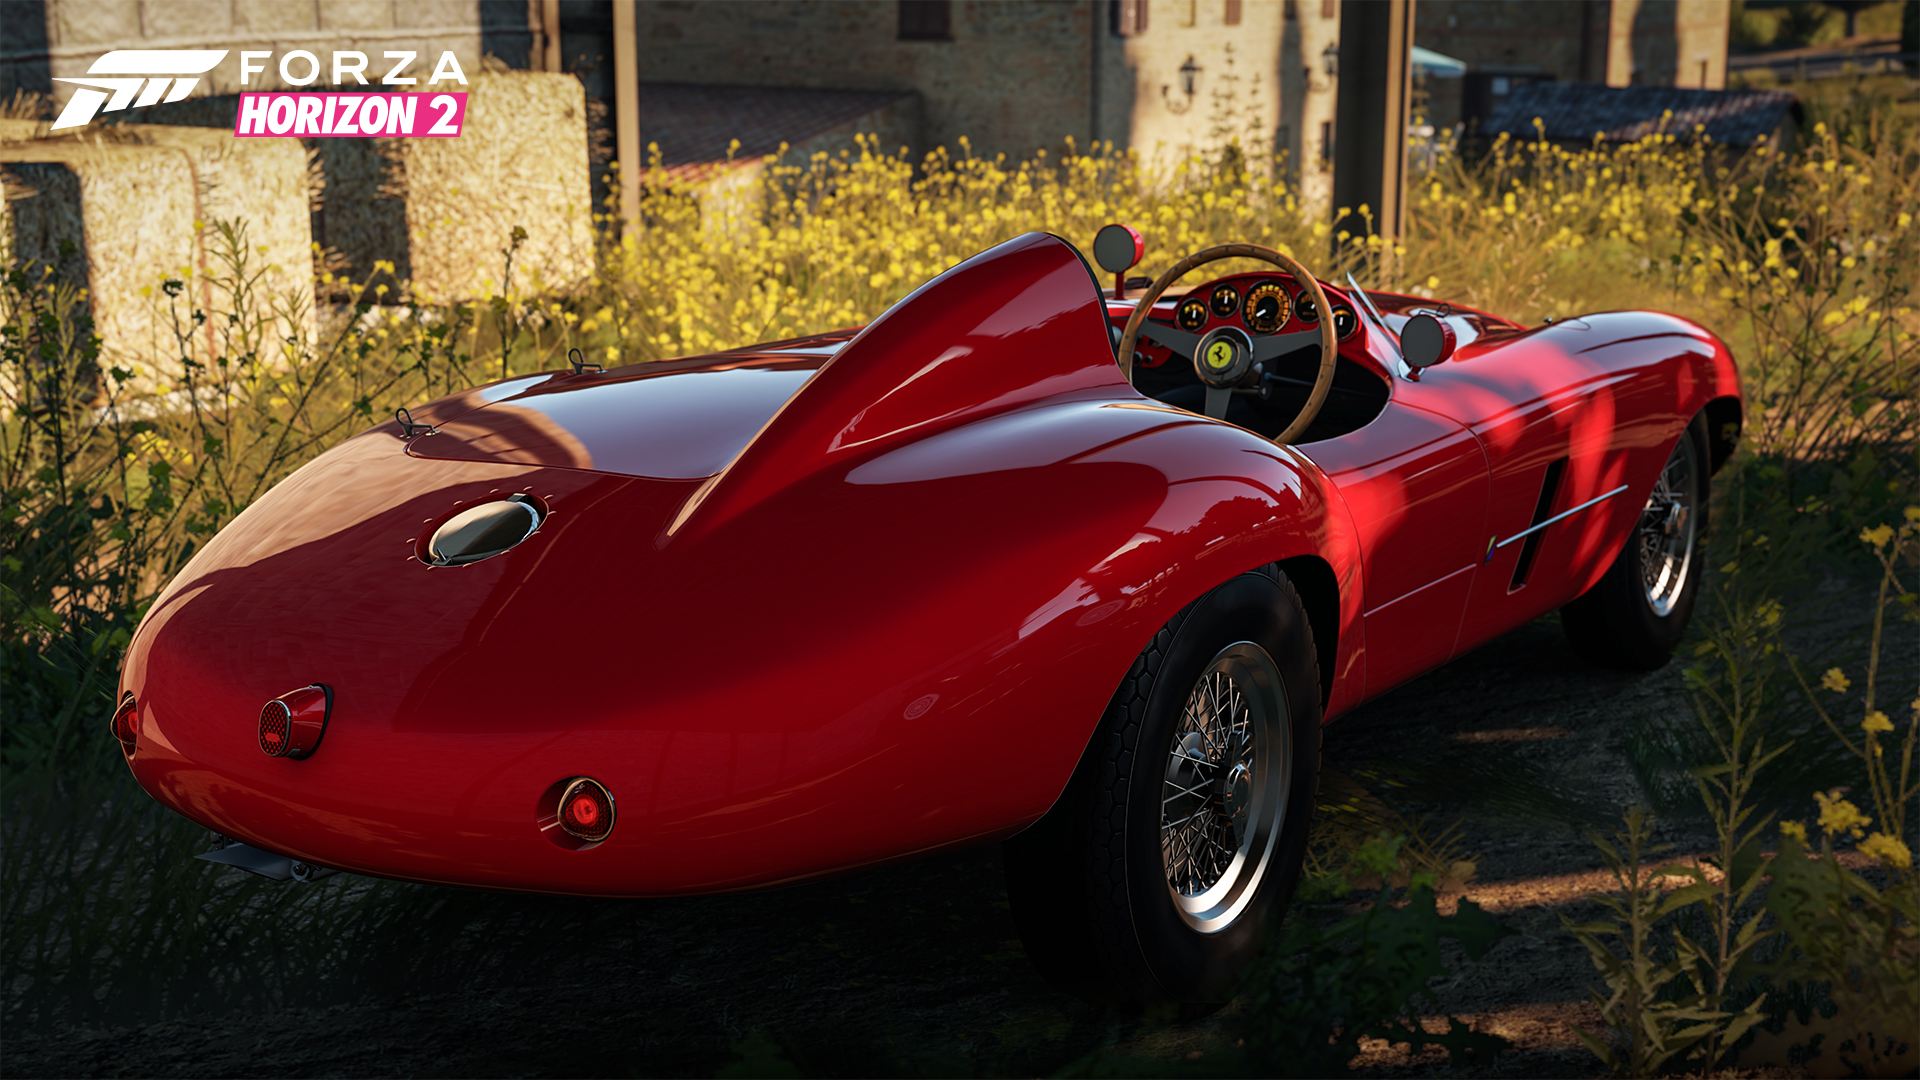 Vozový park ve Forza Horizon 2 rozšířil balíček G-Shock 104255